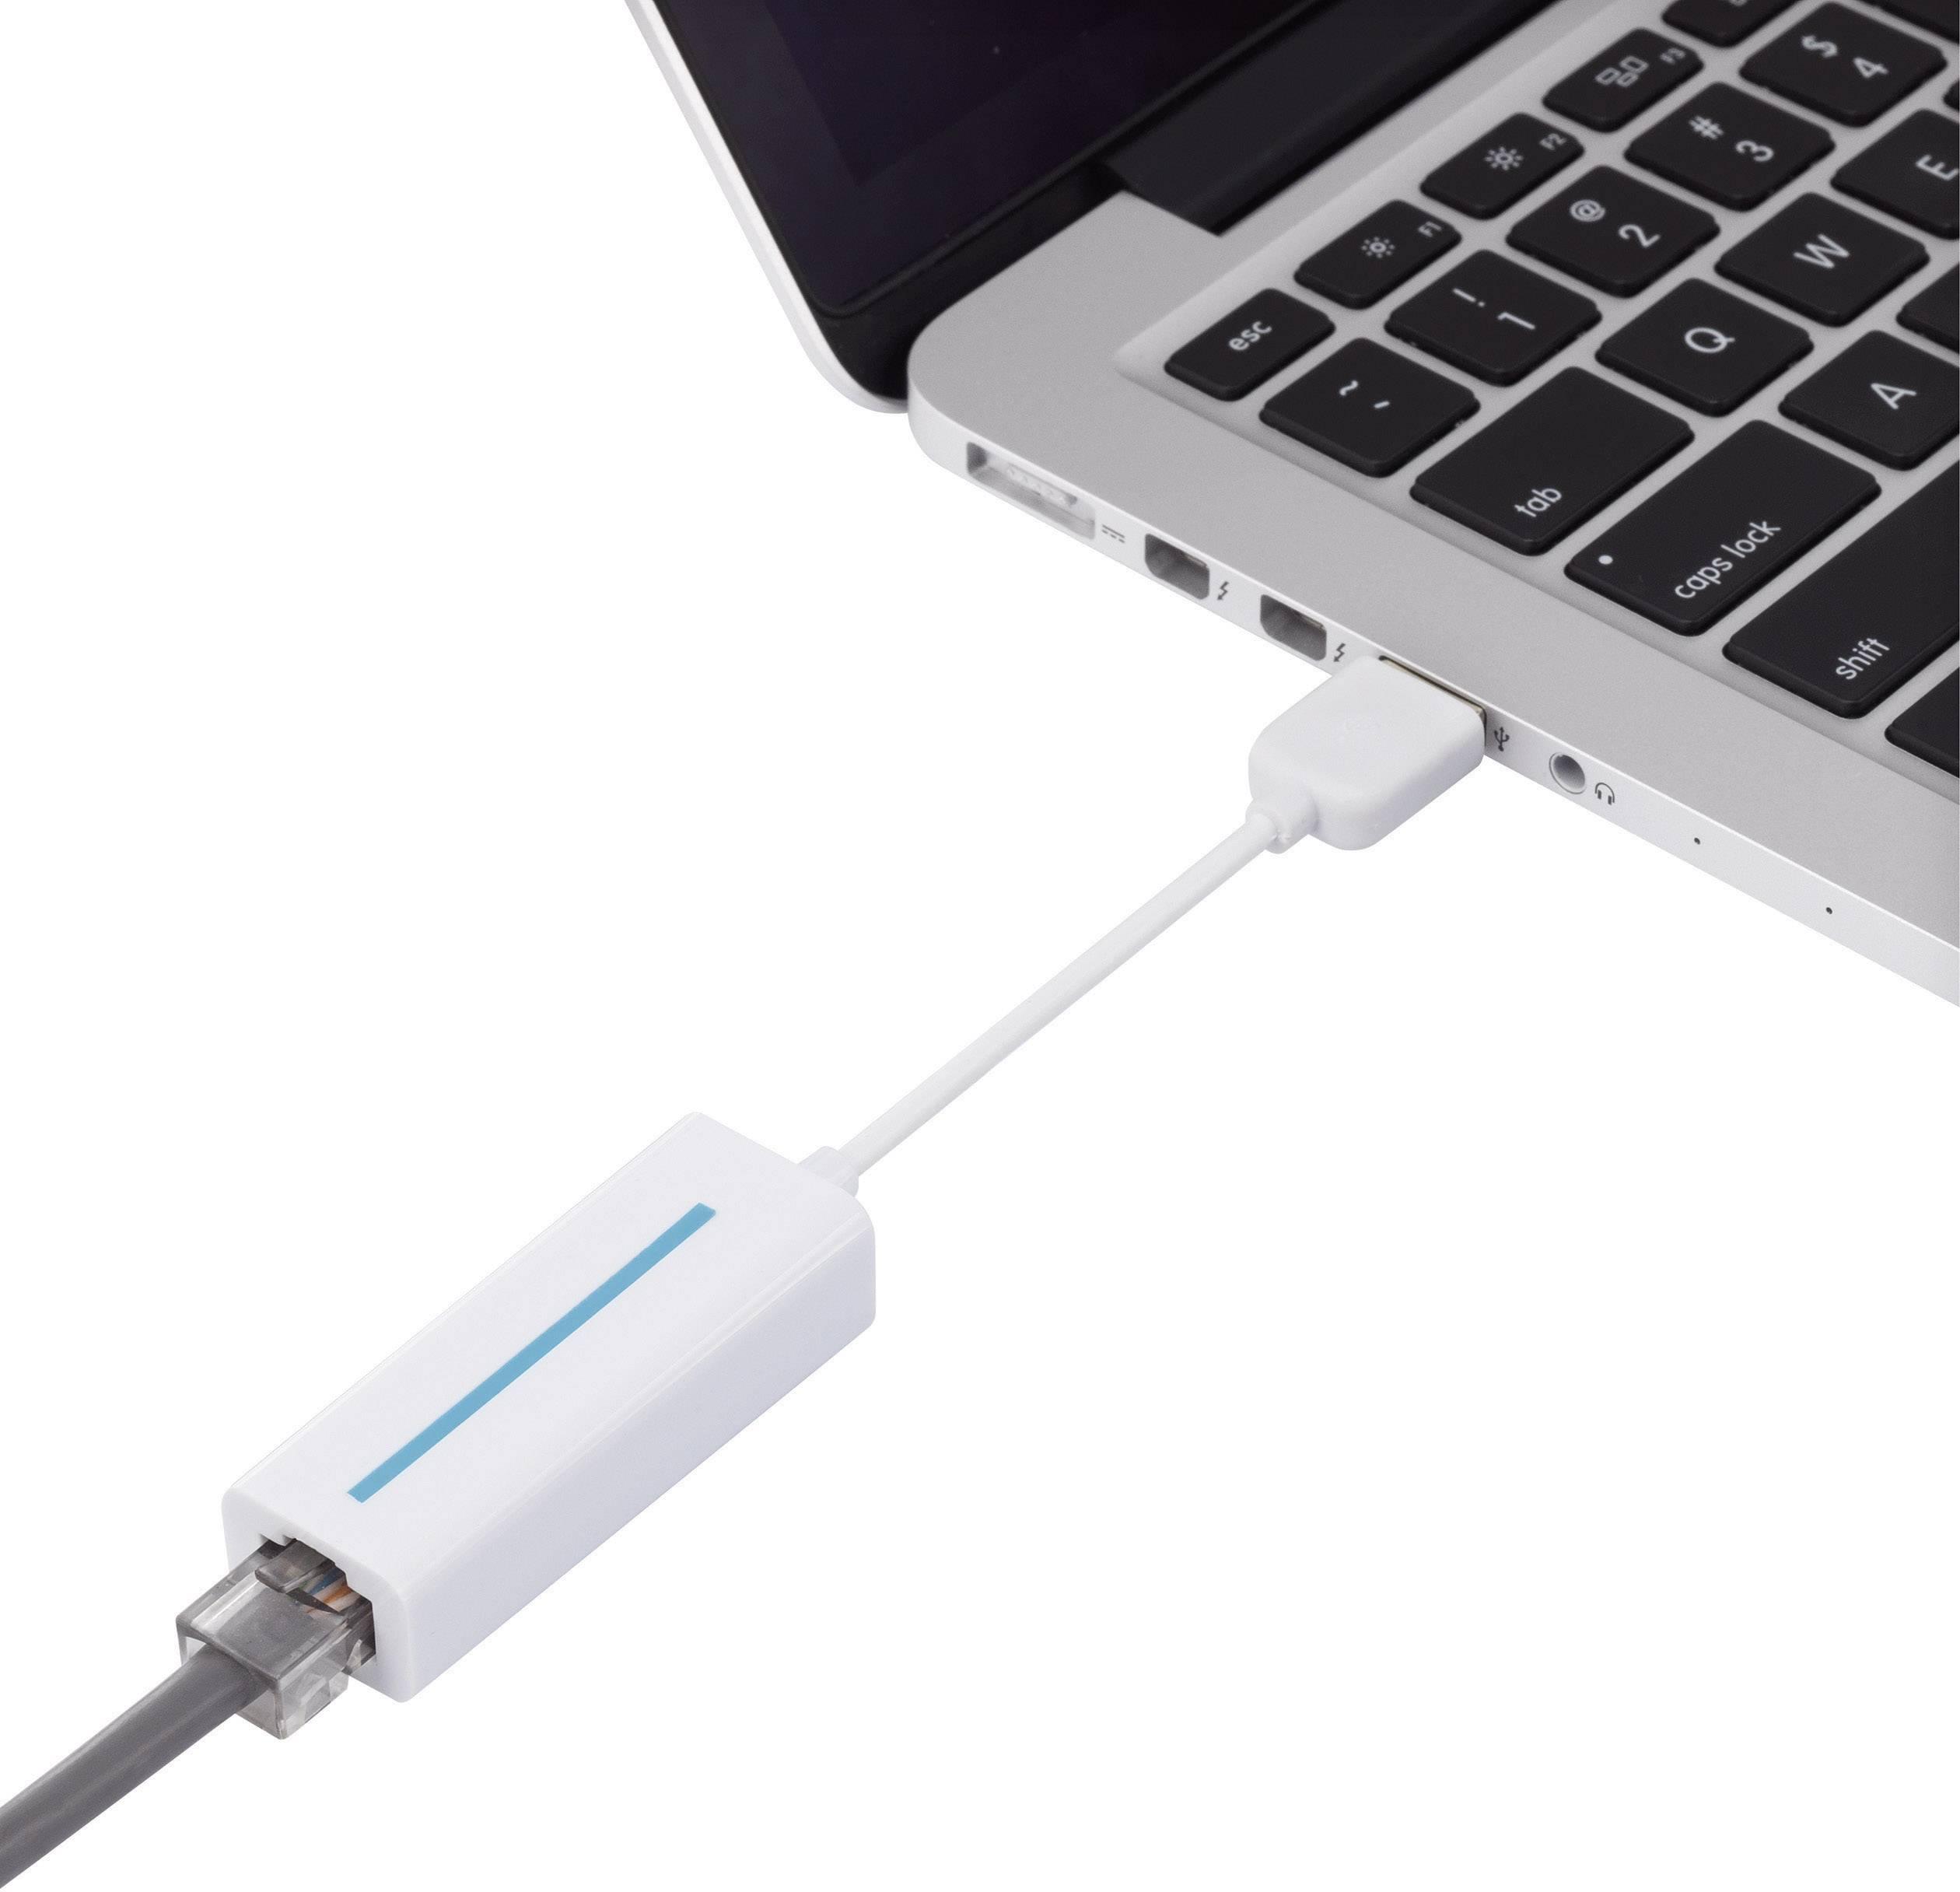 Síťový USB adaptér Renkforce, USB 2.0, LAN (10/100 MBit/s)